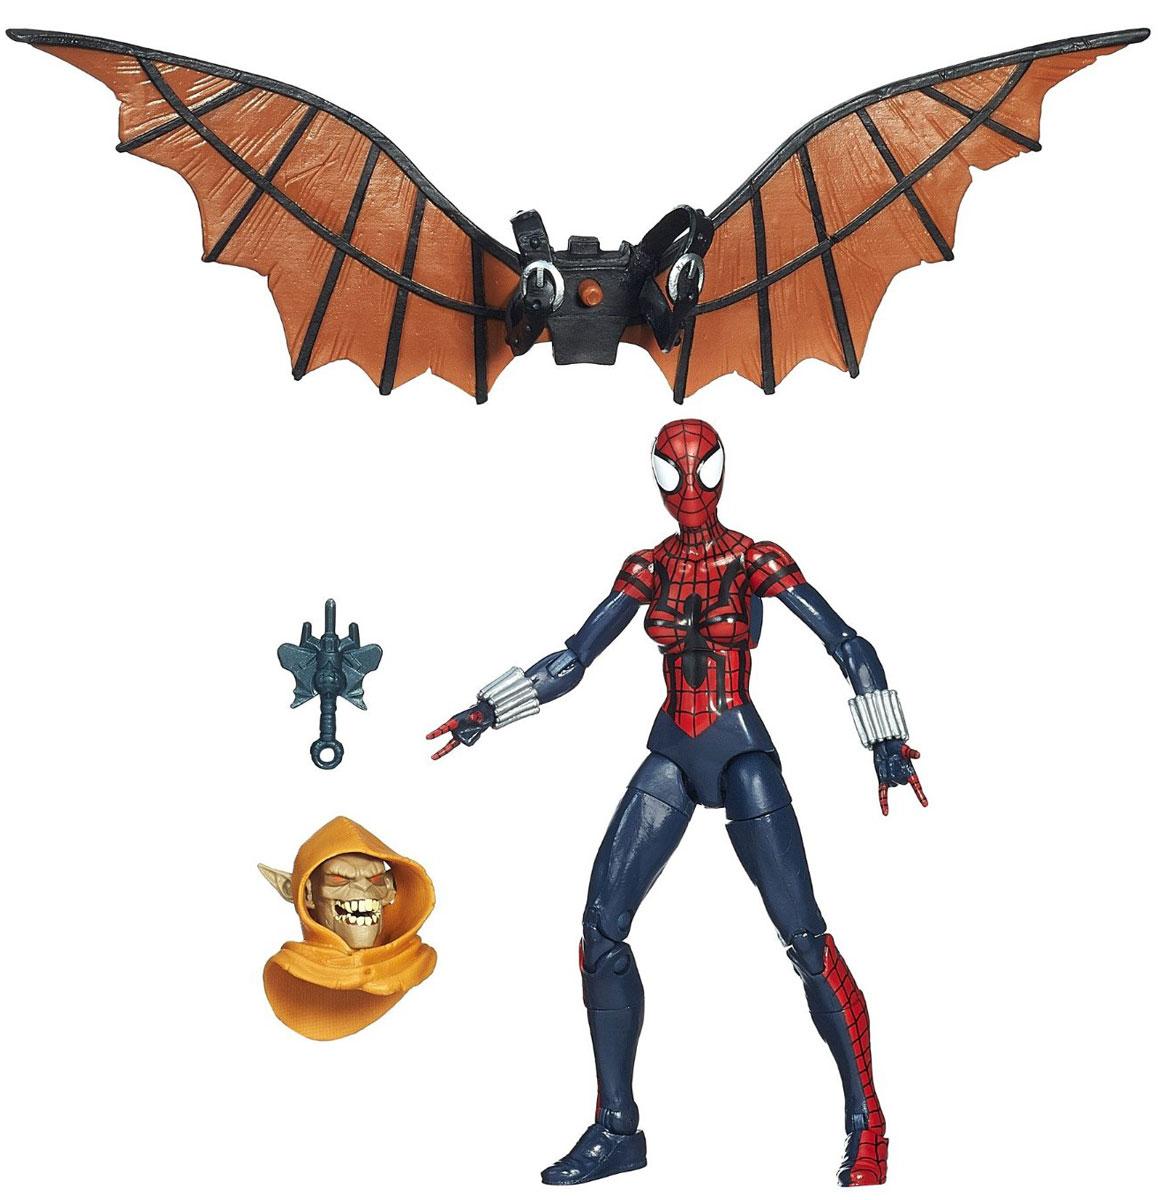 Фигурка Spider-Man Legends: Spider-Girl, 15 см. A6655EU4_A1907A6655EU4_A1907Фигурка Spider-Man Legends: Spider-Girl станет прекрасным подарком для любого маленького поклонника супергероев. Она выполнена из прочного яркого пластика в виде супергероини, дочери Человека-Паука. Голова, руки и ноги фигурки подвижны, что позволит придавать ей различные позы. В комплект также входят элемент в виде застывшего огня и дополнительный элемент в виде головы и крыльев Хобгоблина. Собрав все шесть фигурок серии Legends, вы сконструируете фигурку Хобгоблина полностью. Ваш ребенок будет часами играть с этой фигуркой, придумывая различные истории с участием этой герини. Девушка-Паук - дочь Питера Паркера и Мэри Джейн, в 15 лет унаследовала паучьи способности своего отца. Она очень умна и осторожна, полагается на свое сообразительность, а не на грубую силу, а ее паучье чутье помогает ей избегать опасностей в бою и в мирной жизни.